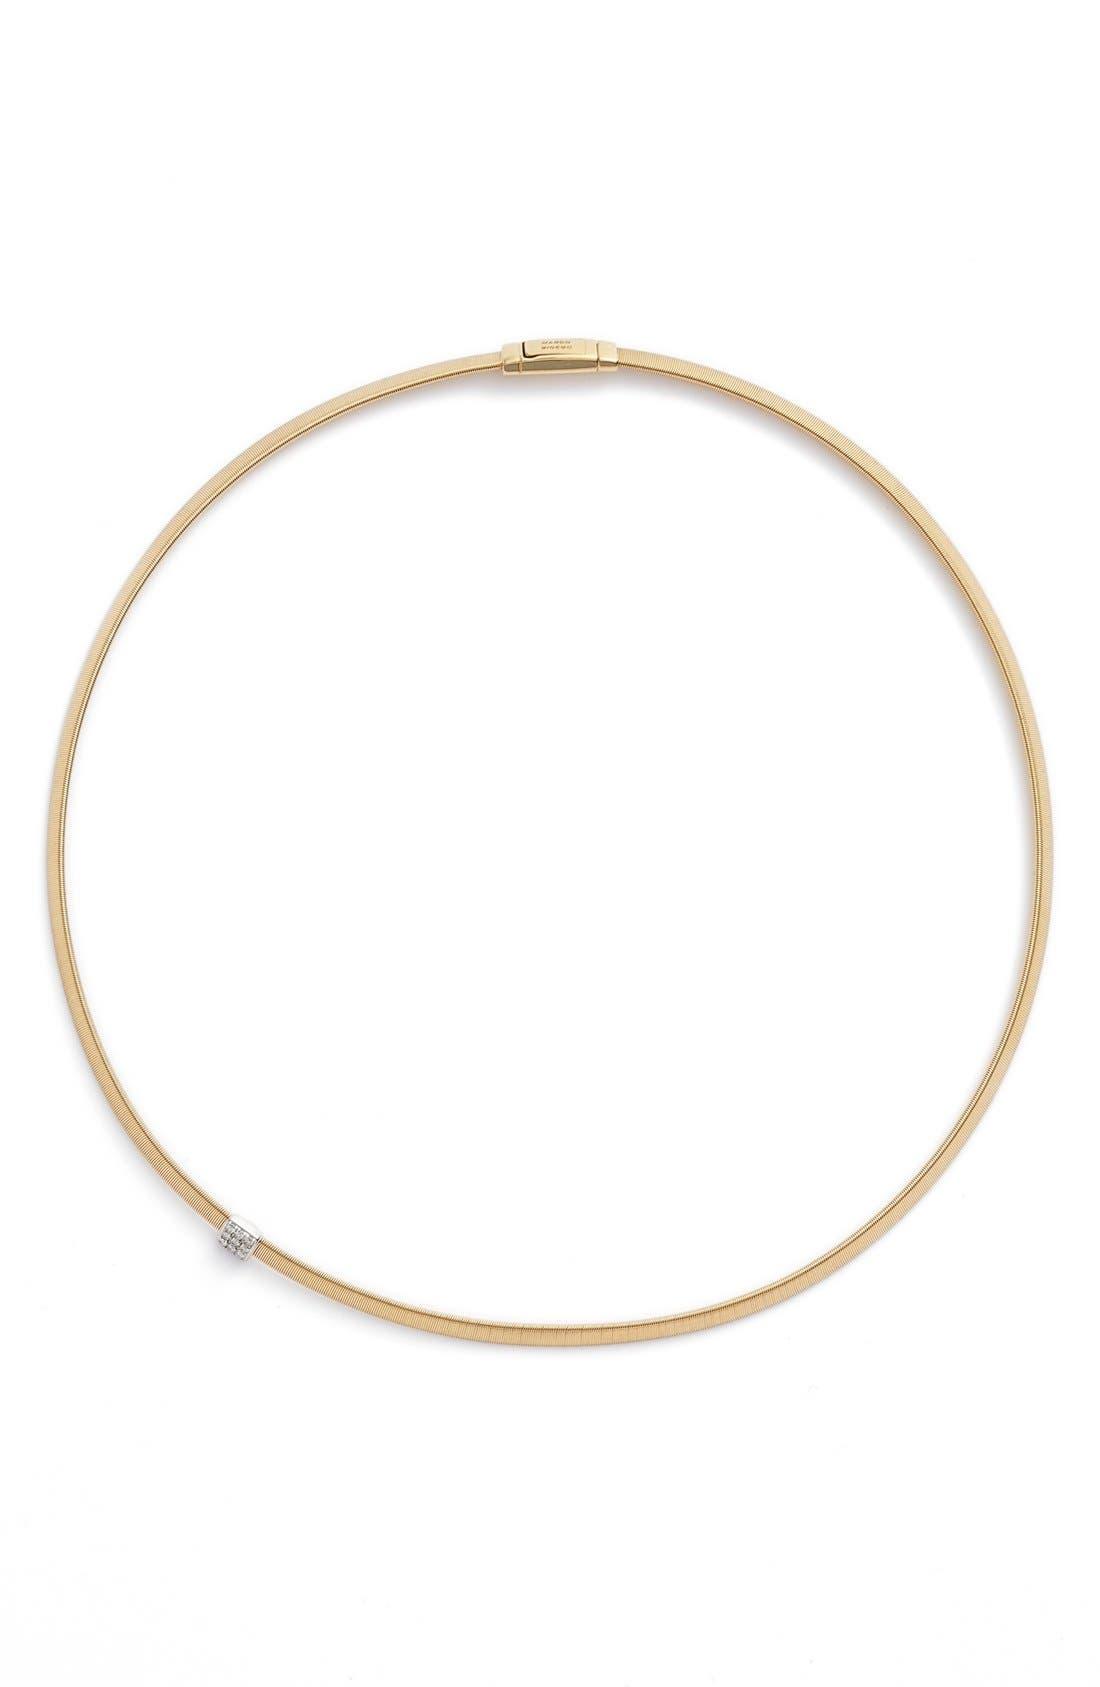 Masai Diamond Collar Necklace,                         Main,                         color, YELLOW GOLD